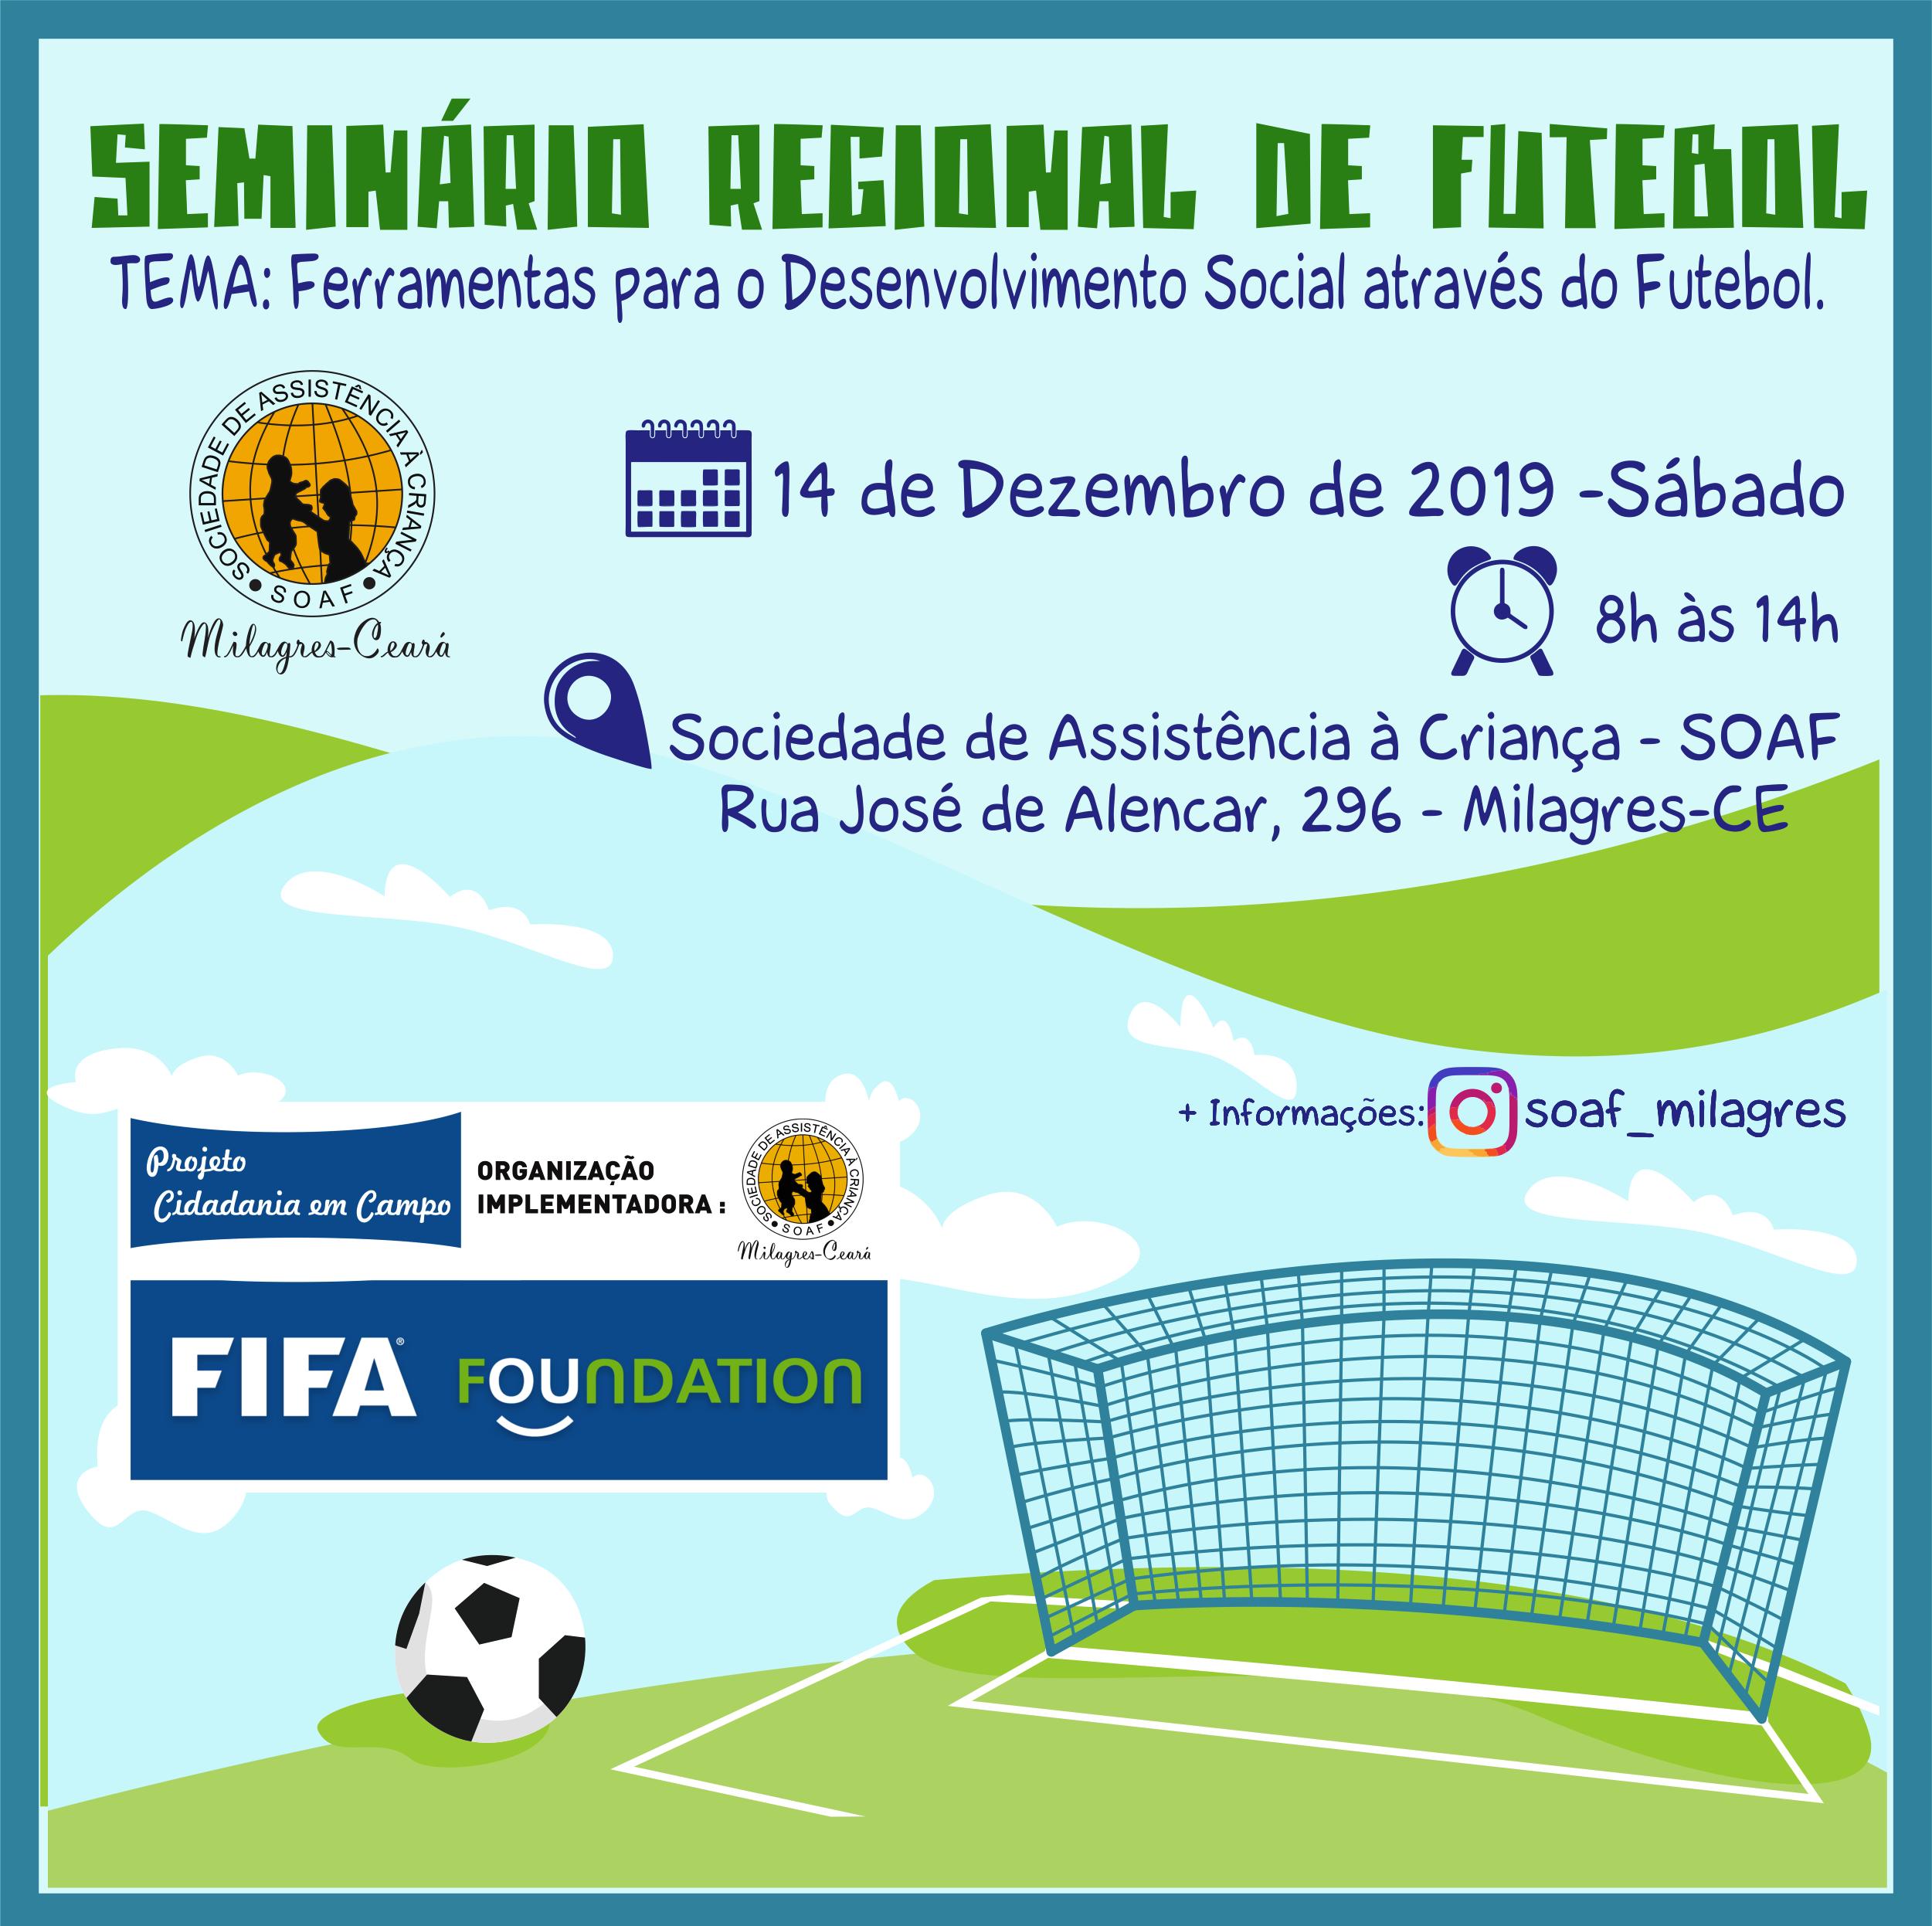 Seminário Regional de Futebol